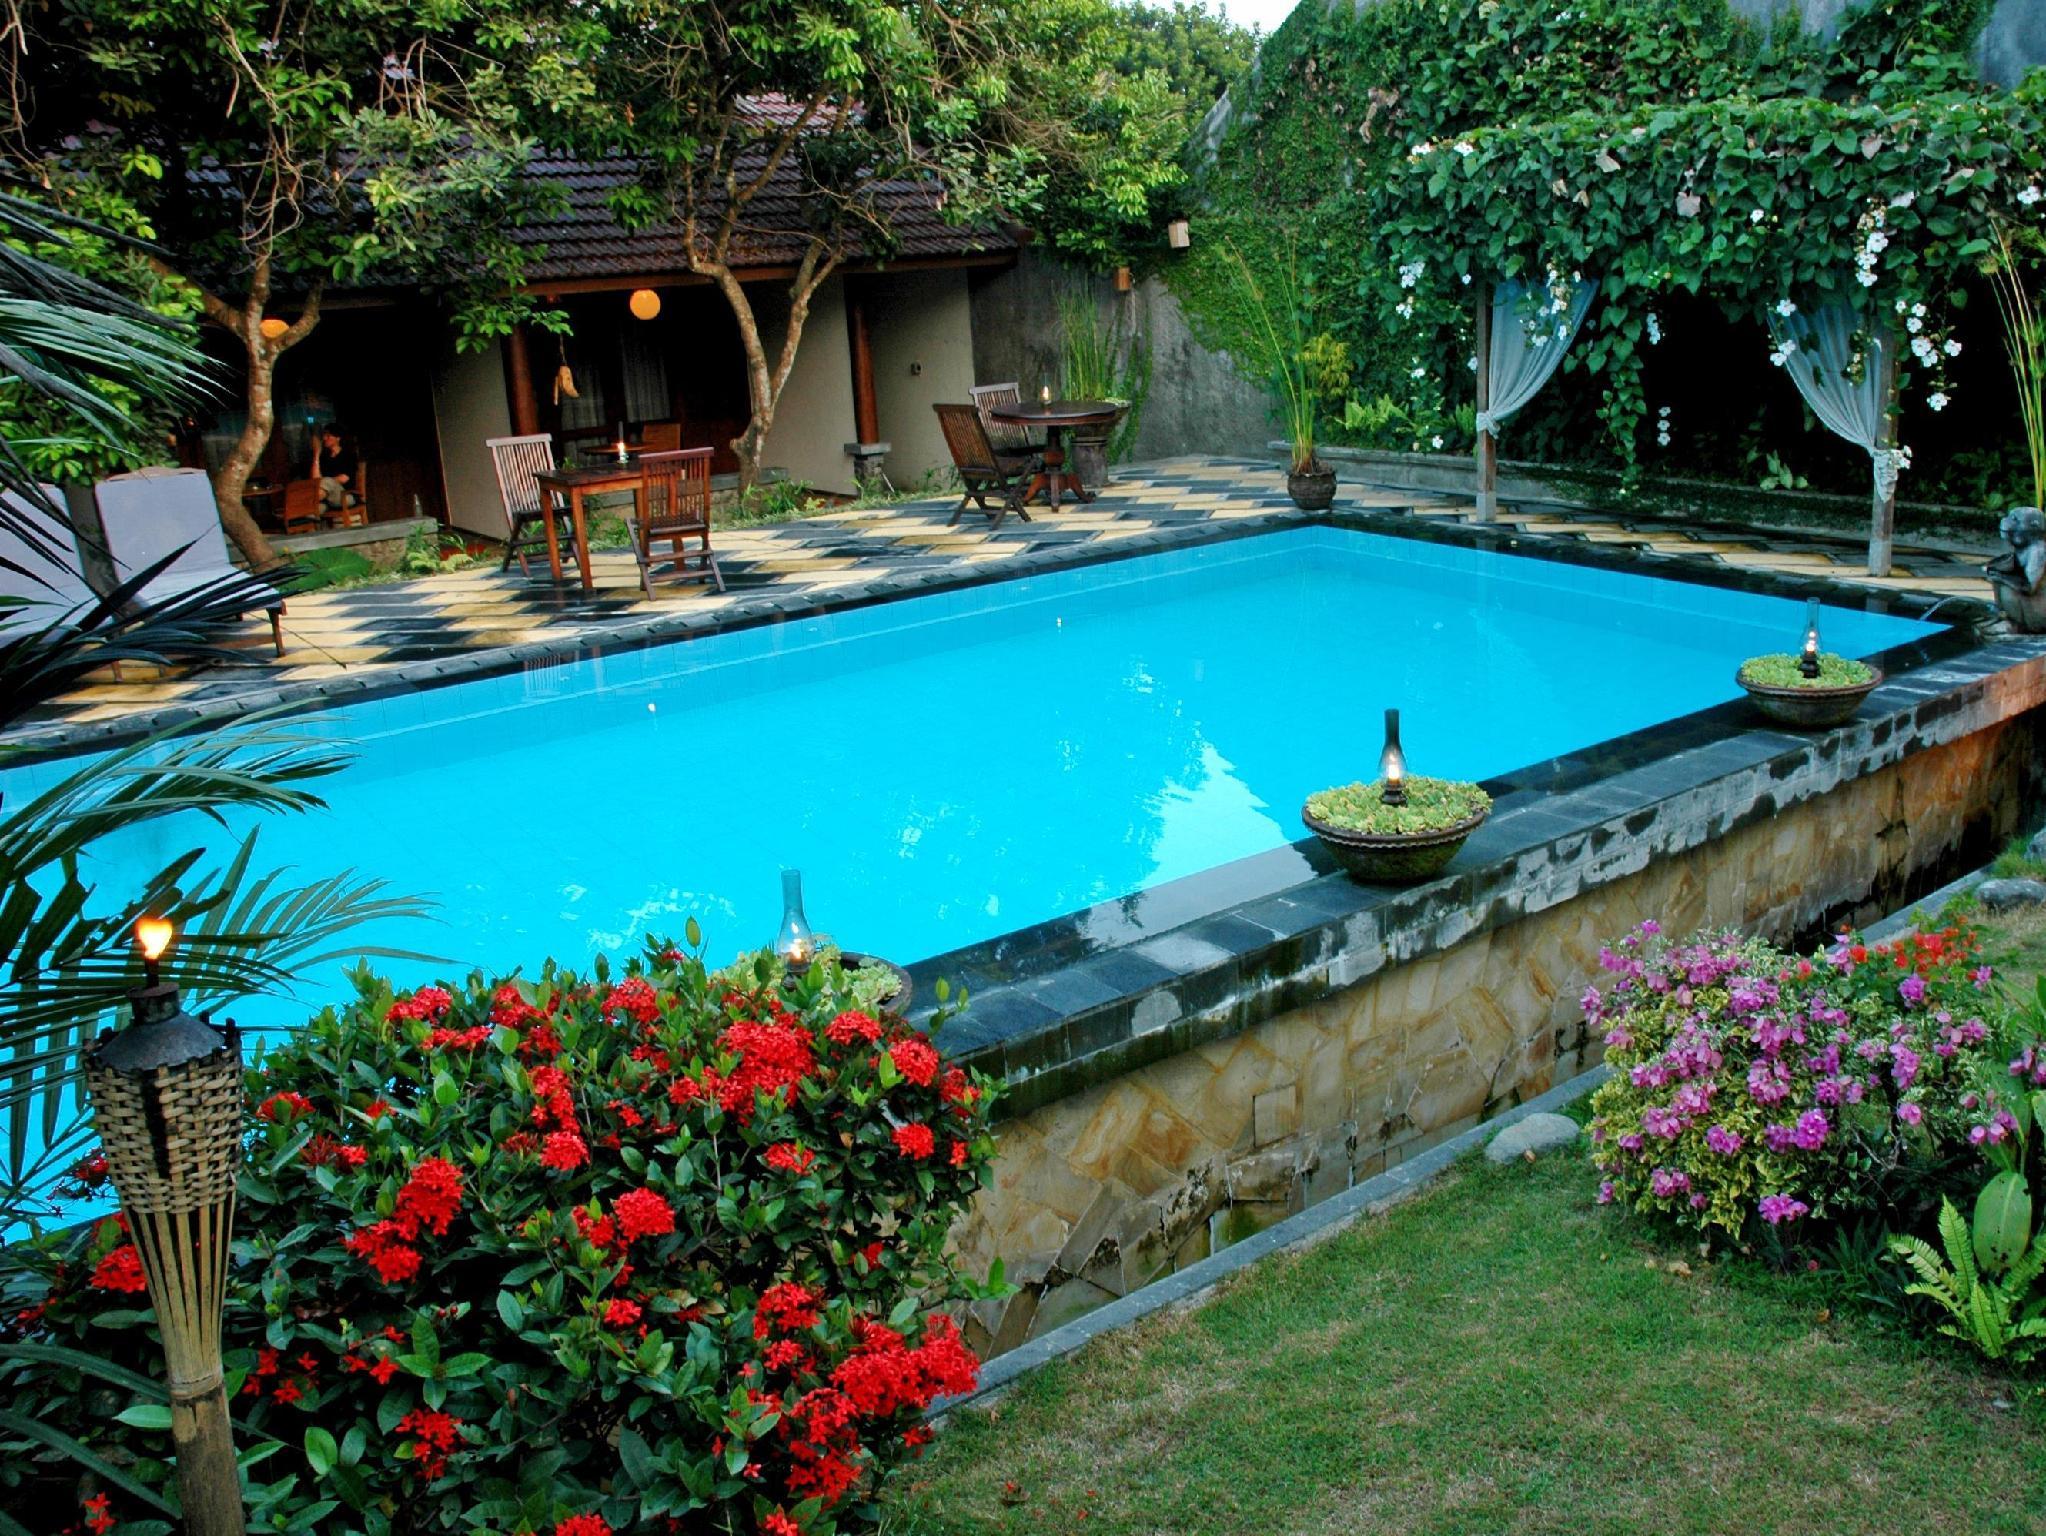 Rumah Mertua Boutique Hotel & Garden Restaurant